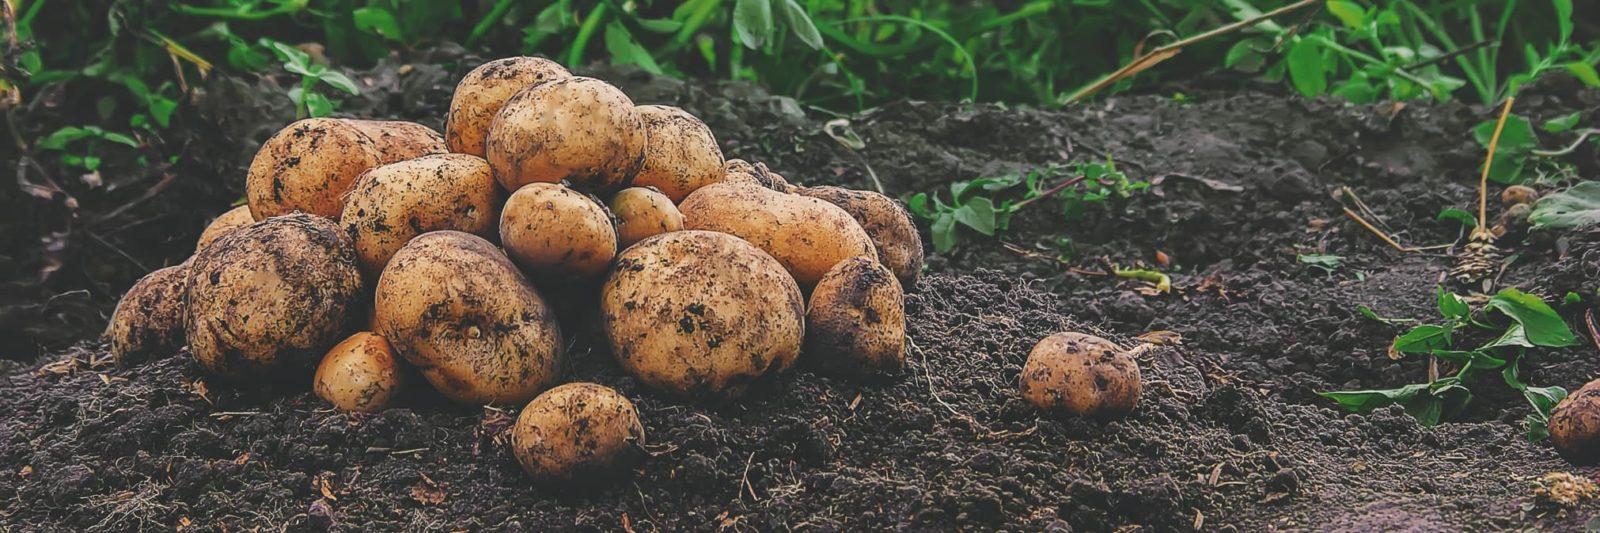 harvested potatoes sat on soil